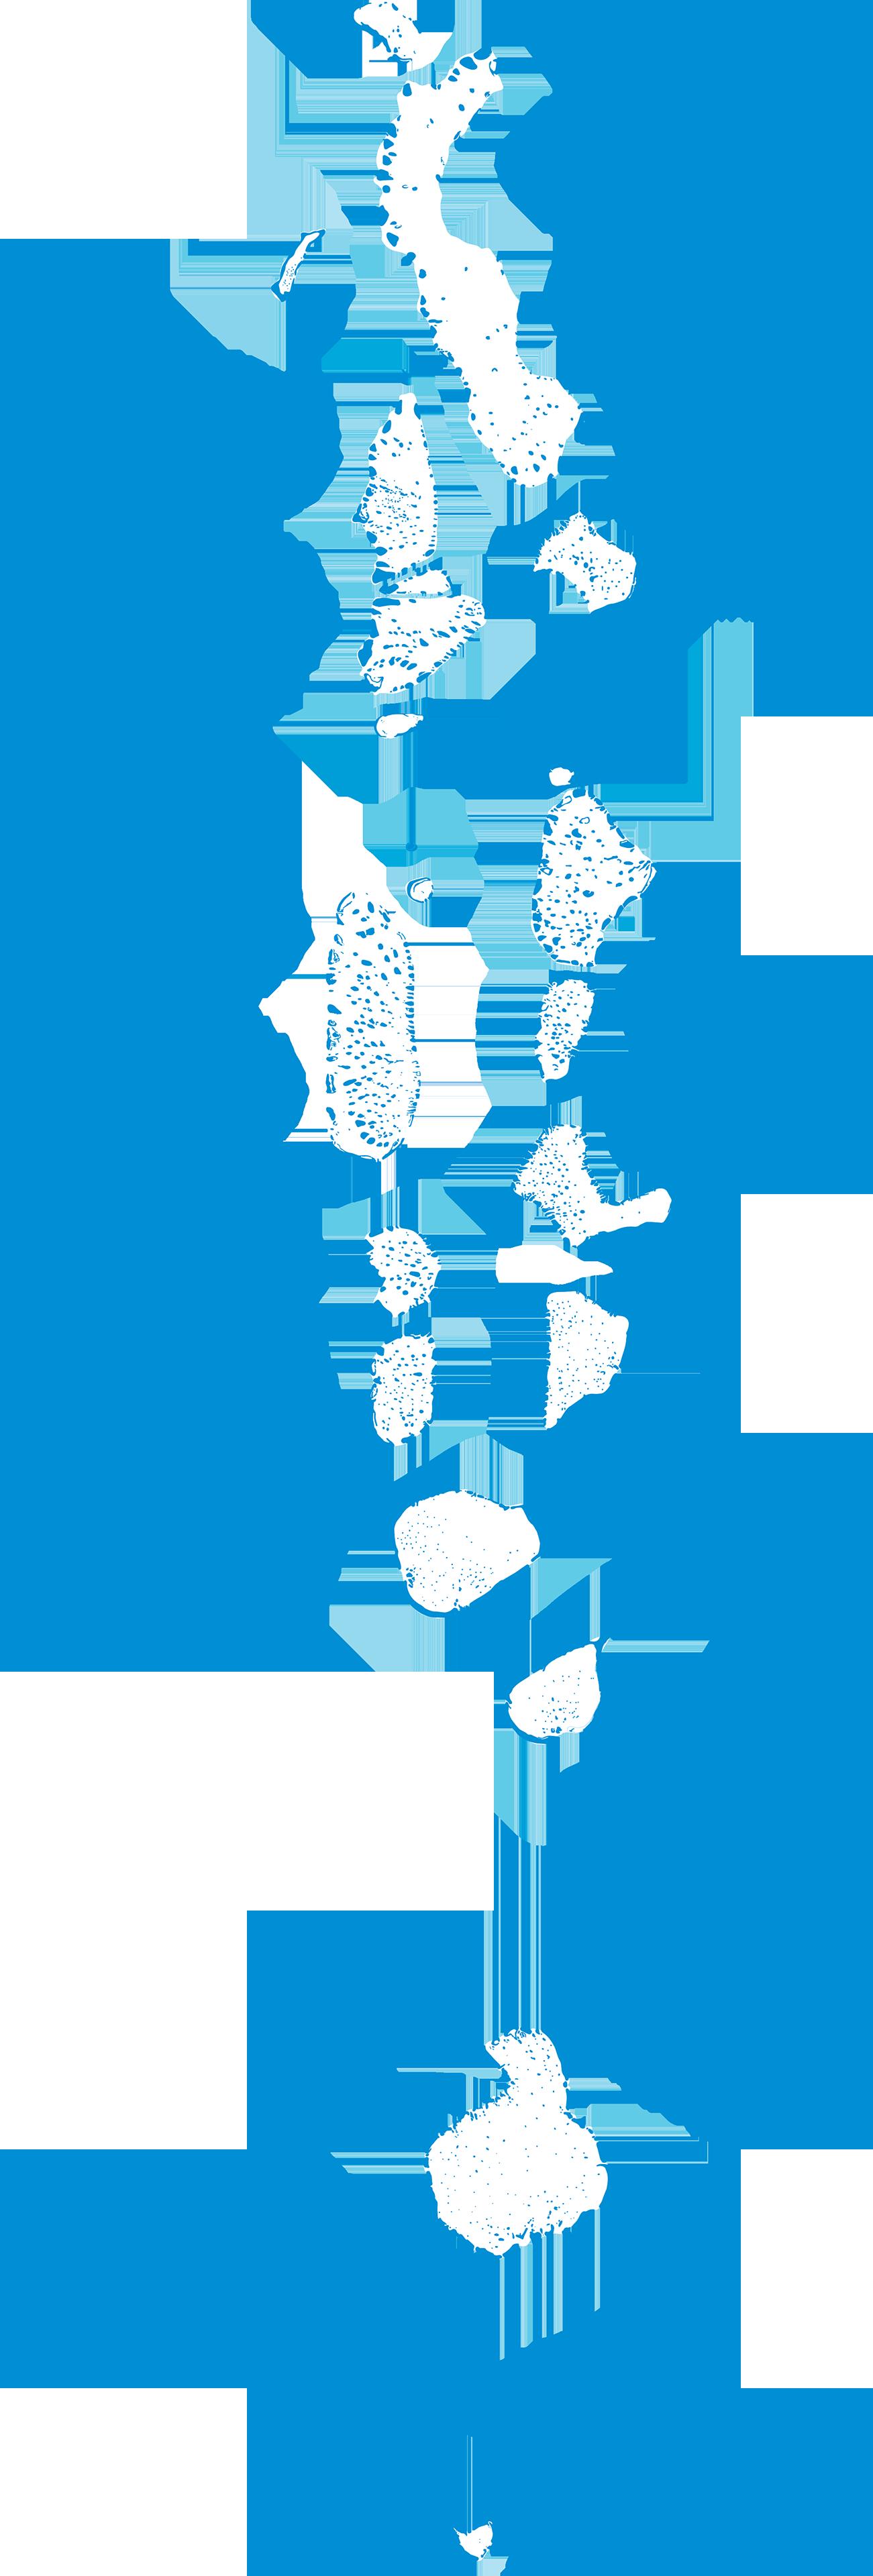 Map of Maldives